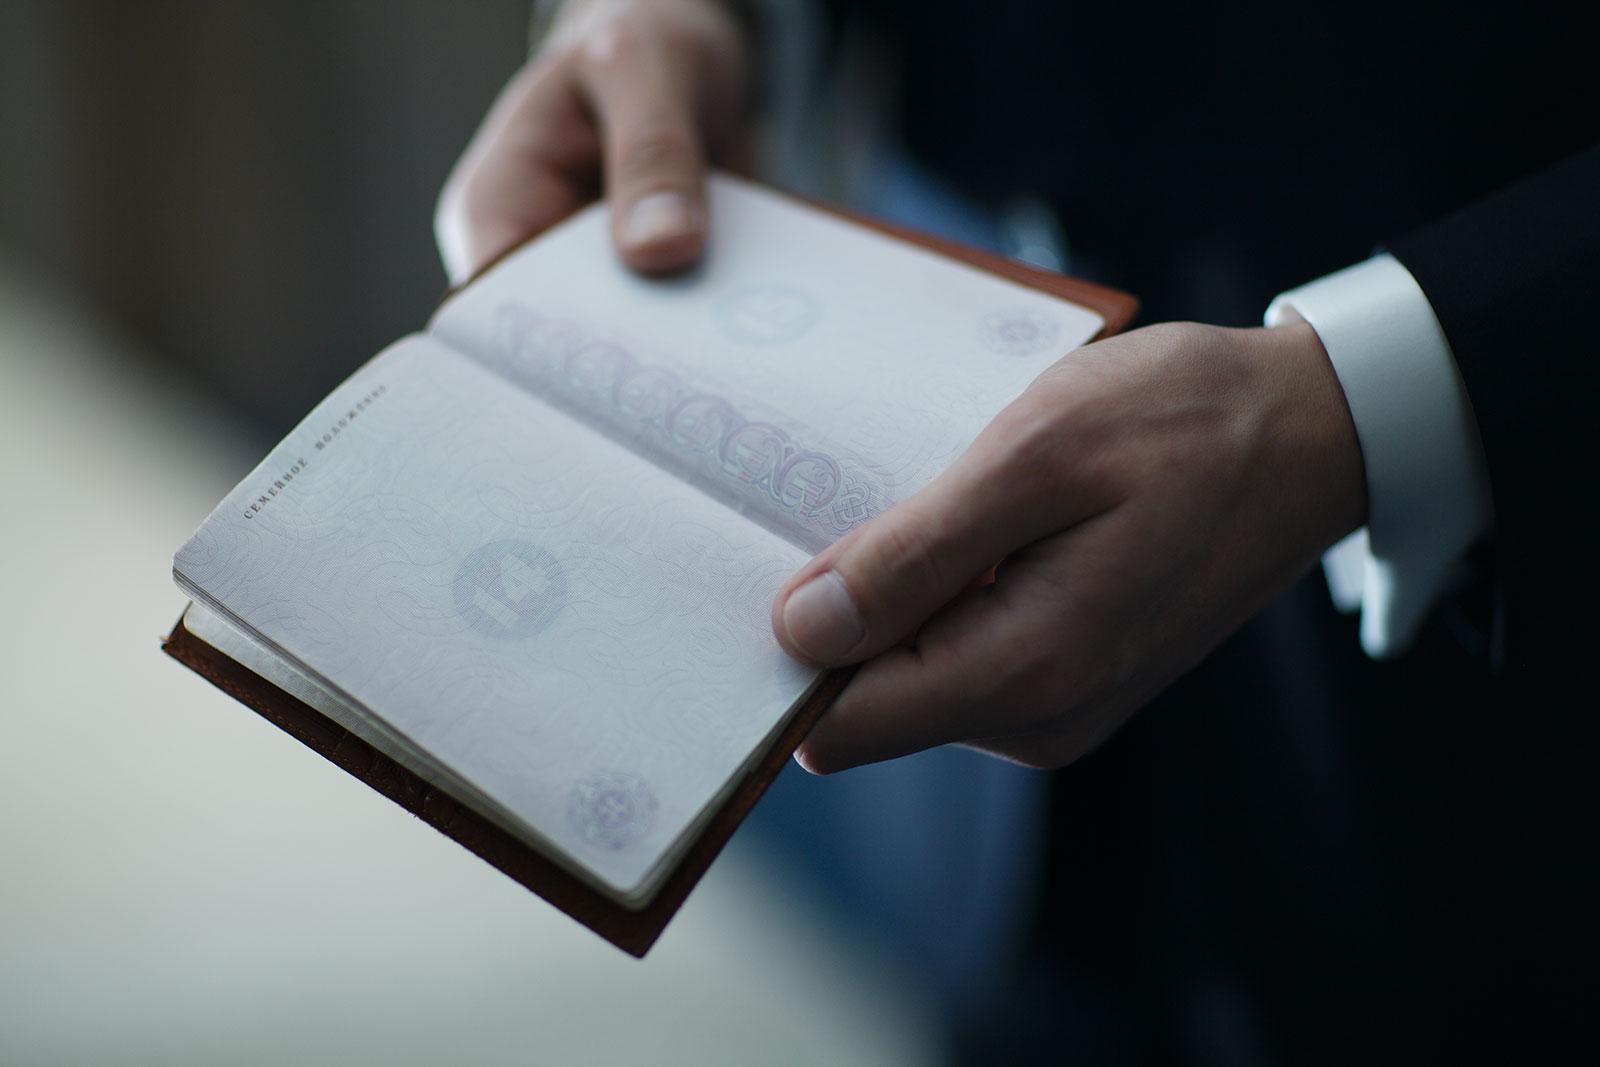 Obținem pașaportul dvs. prin procură în București